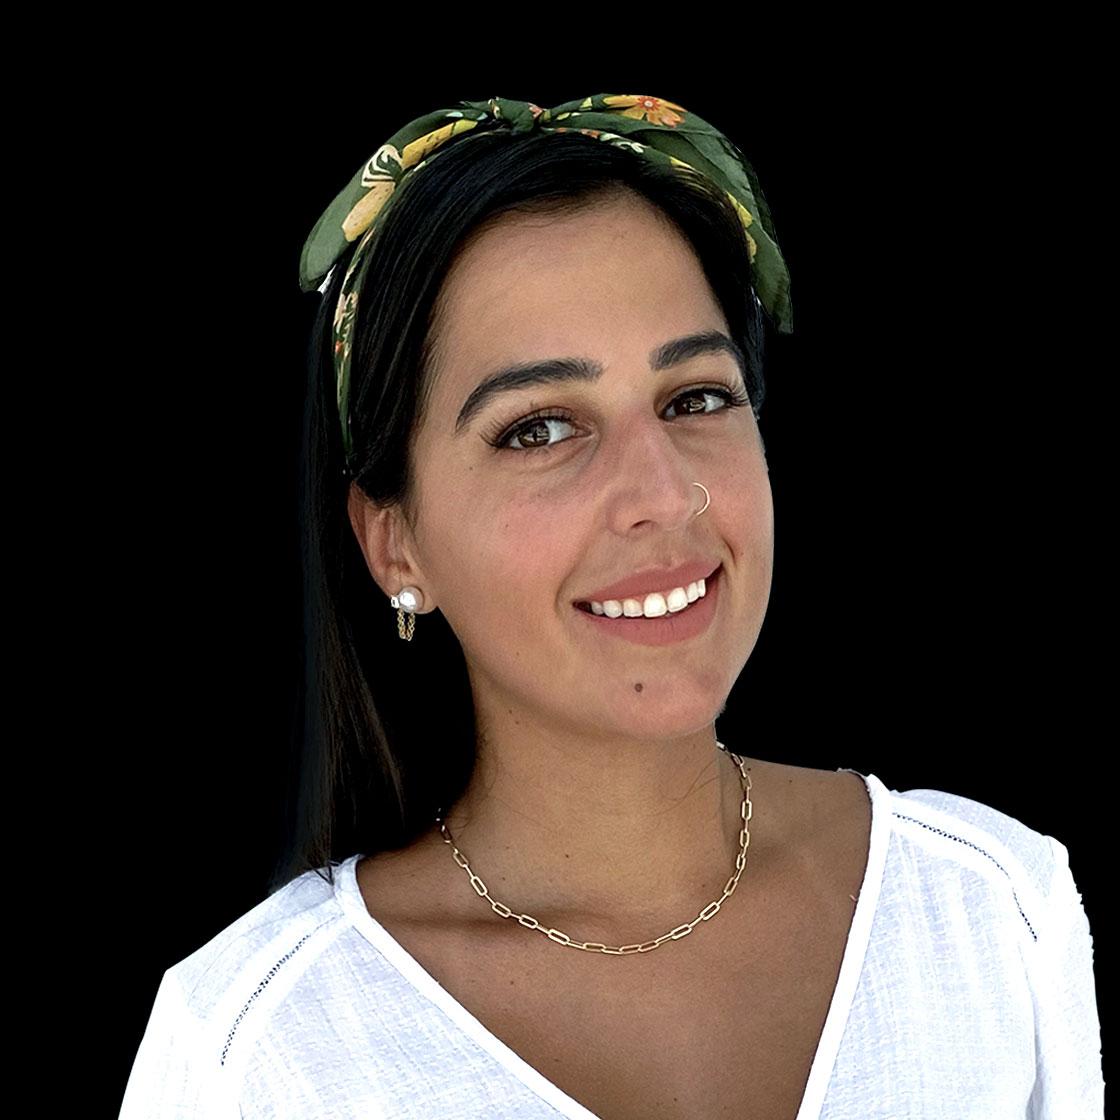 Elisha Singh-Kramer